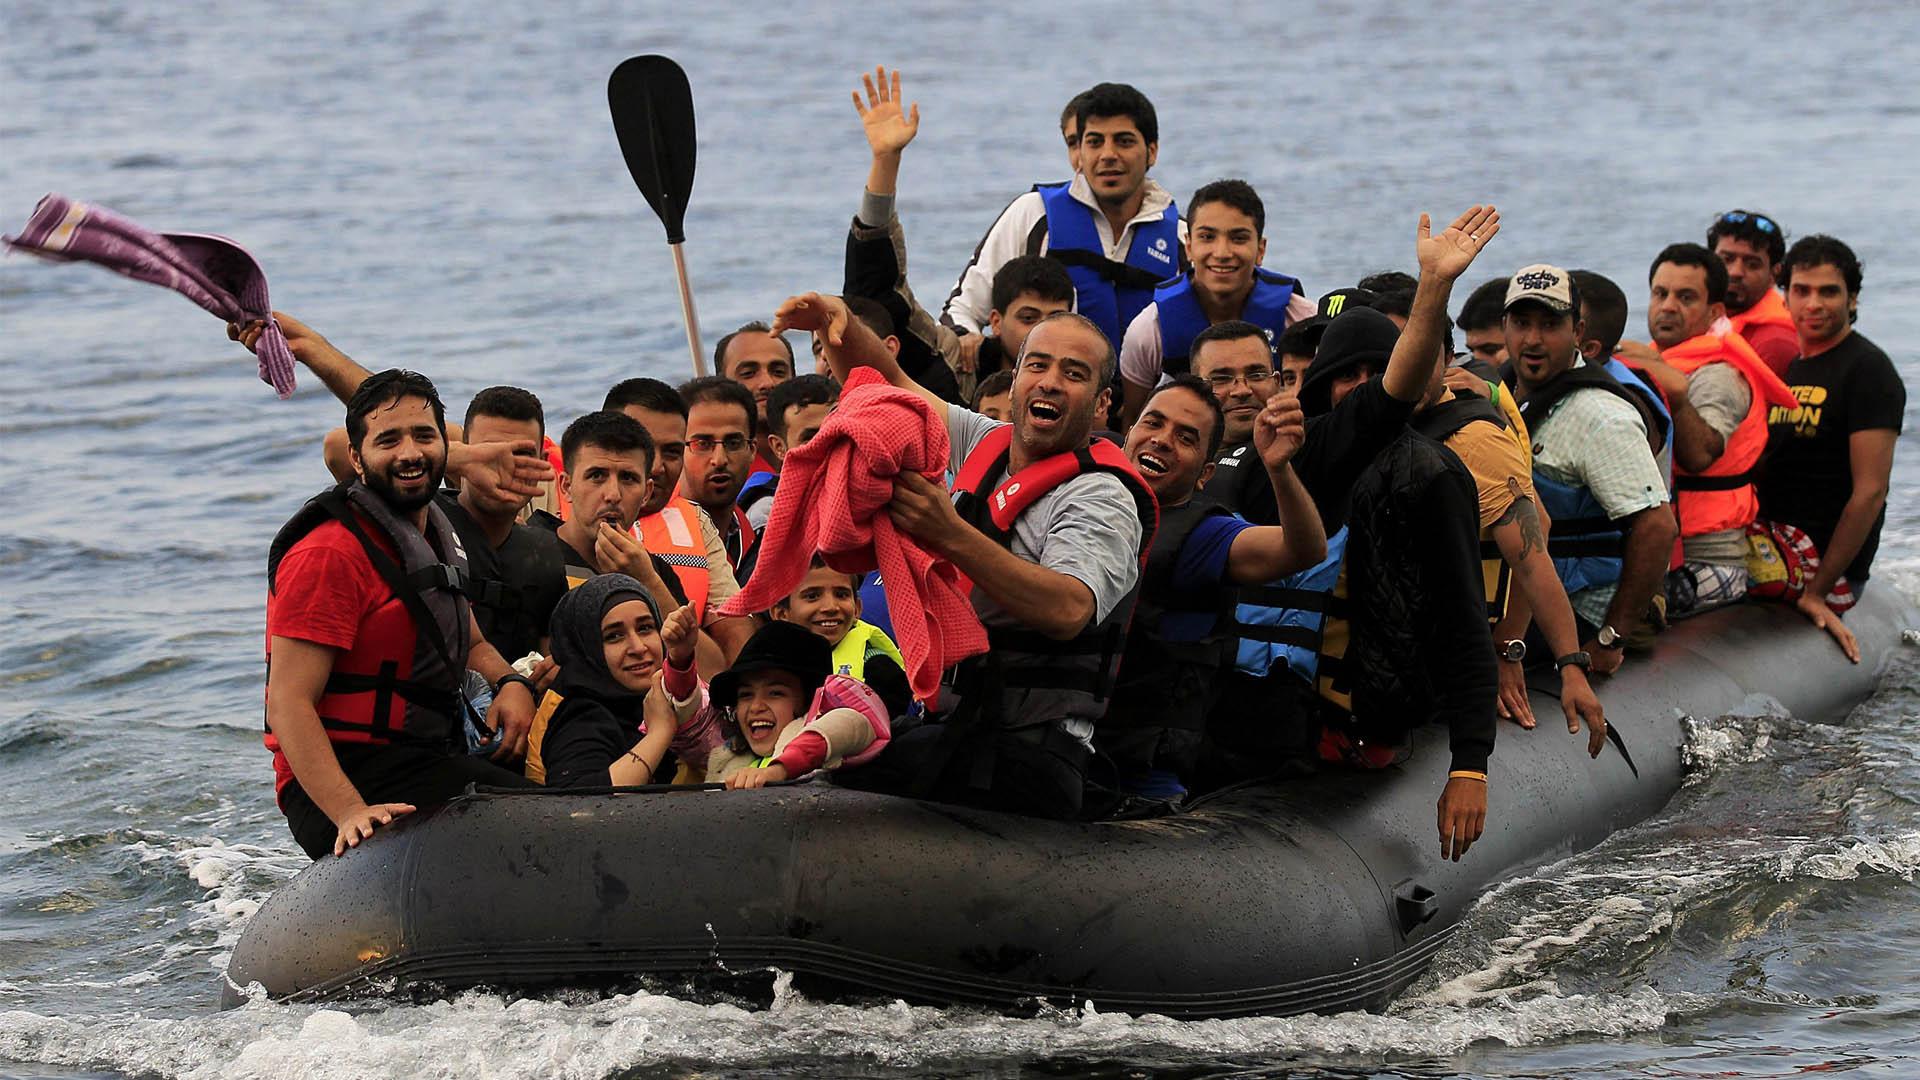 En medio de crisis económicas y xenofobia, el continente ha abierto sus puertas a los migrantes más necesitados